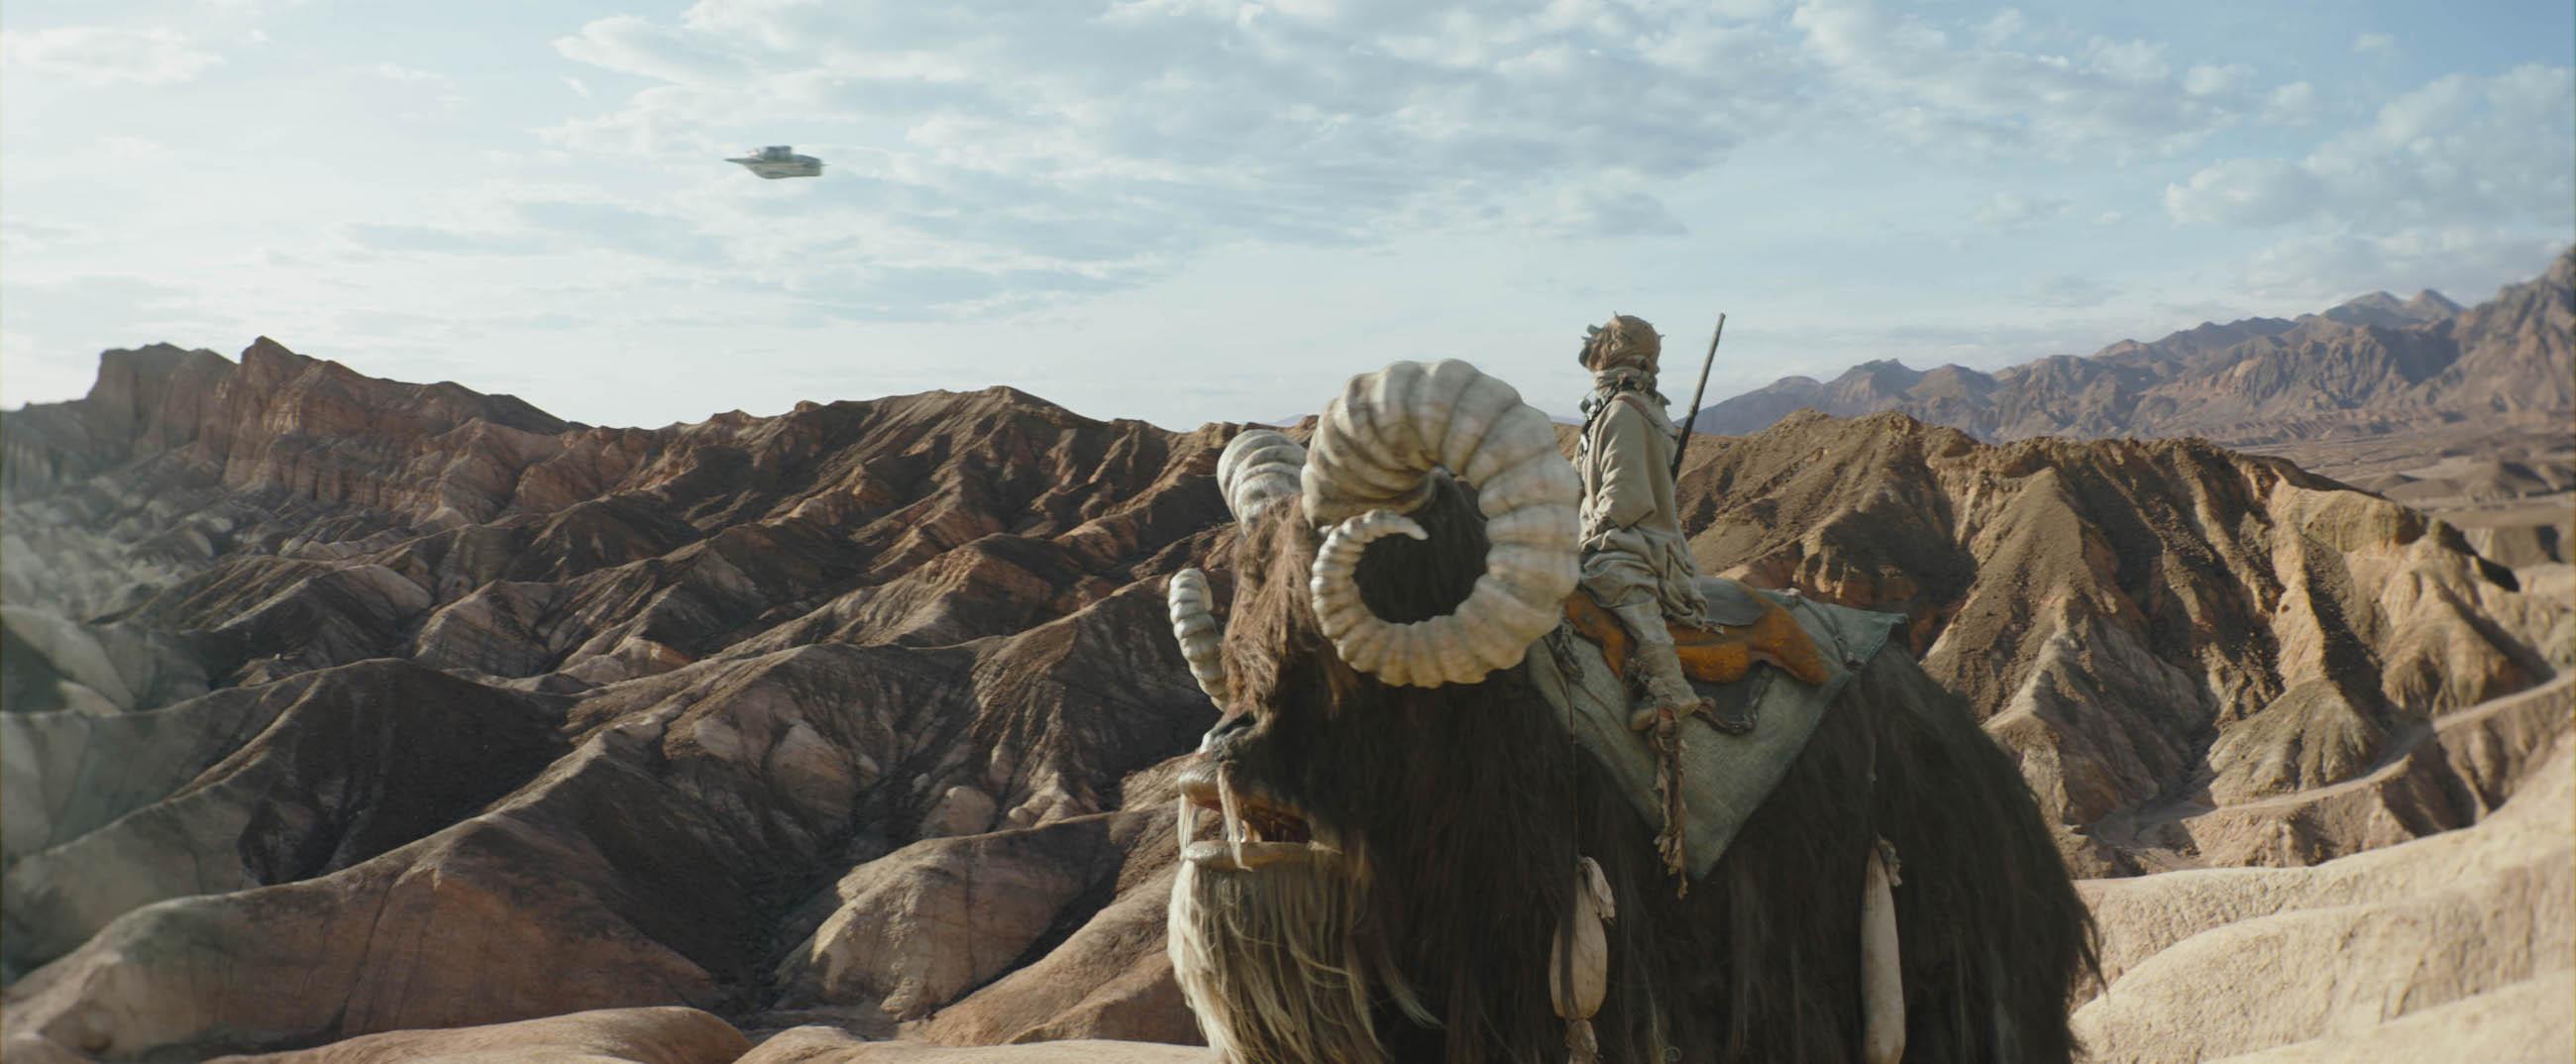 The Mandalorian 2: una foto di scena